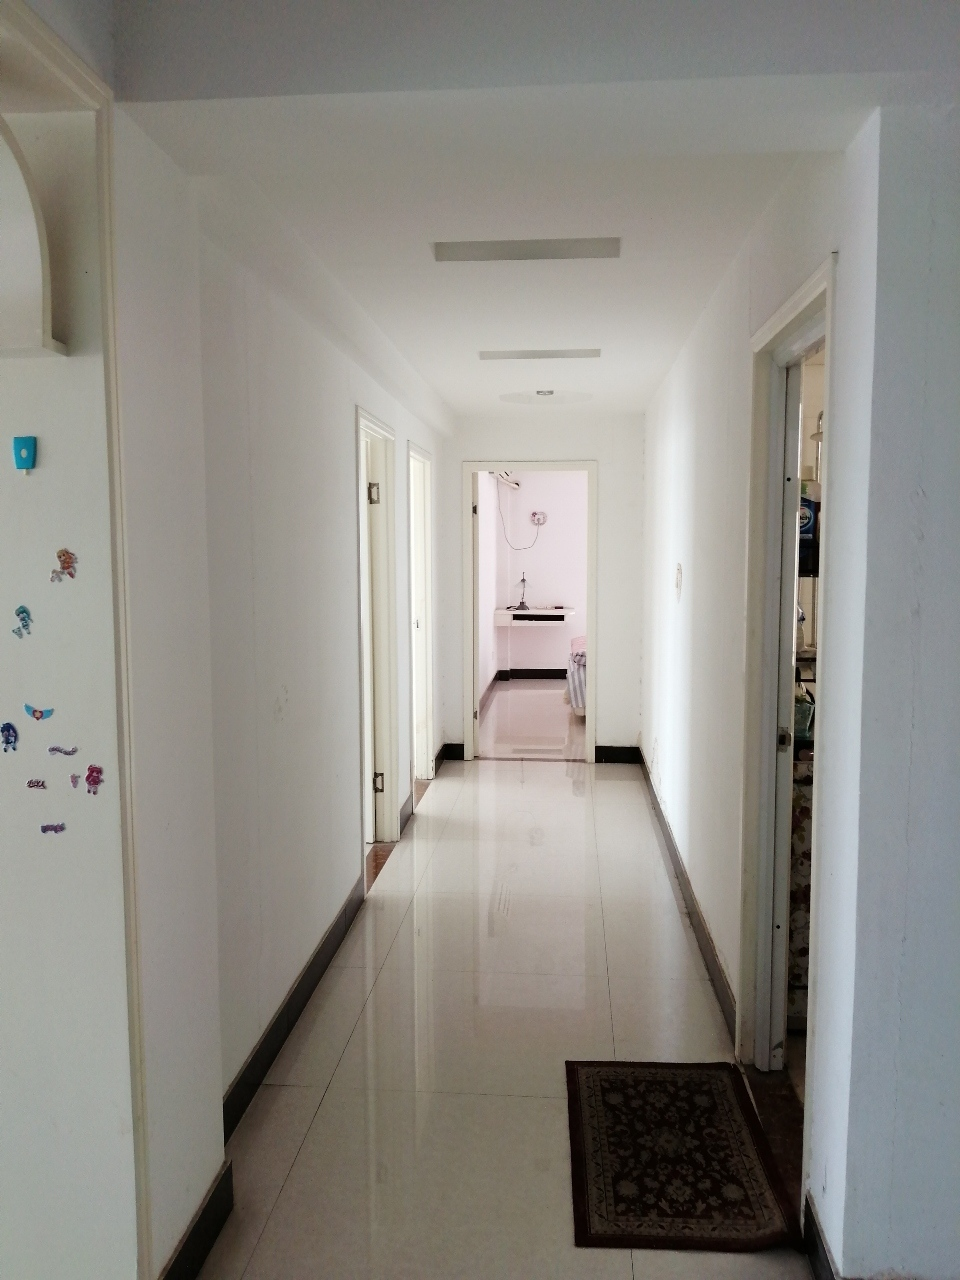 龙鼎苑小区3室 2厅 1卫77万元